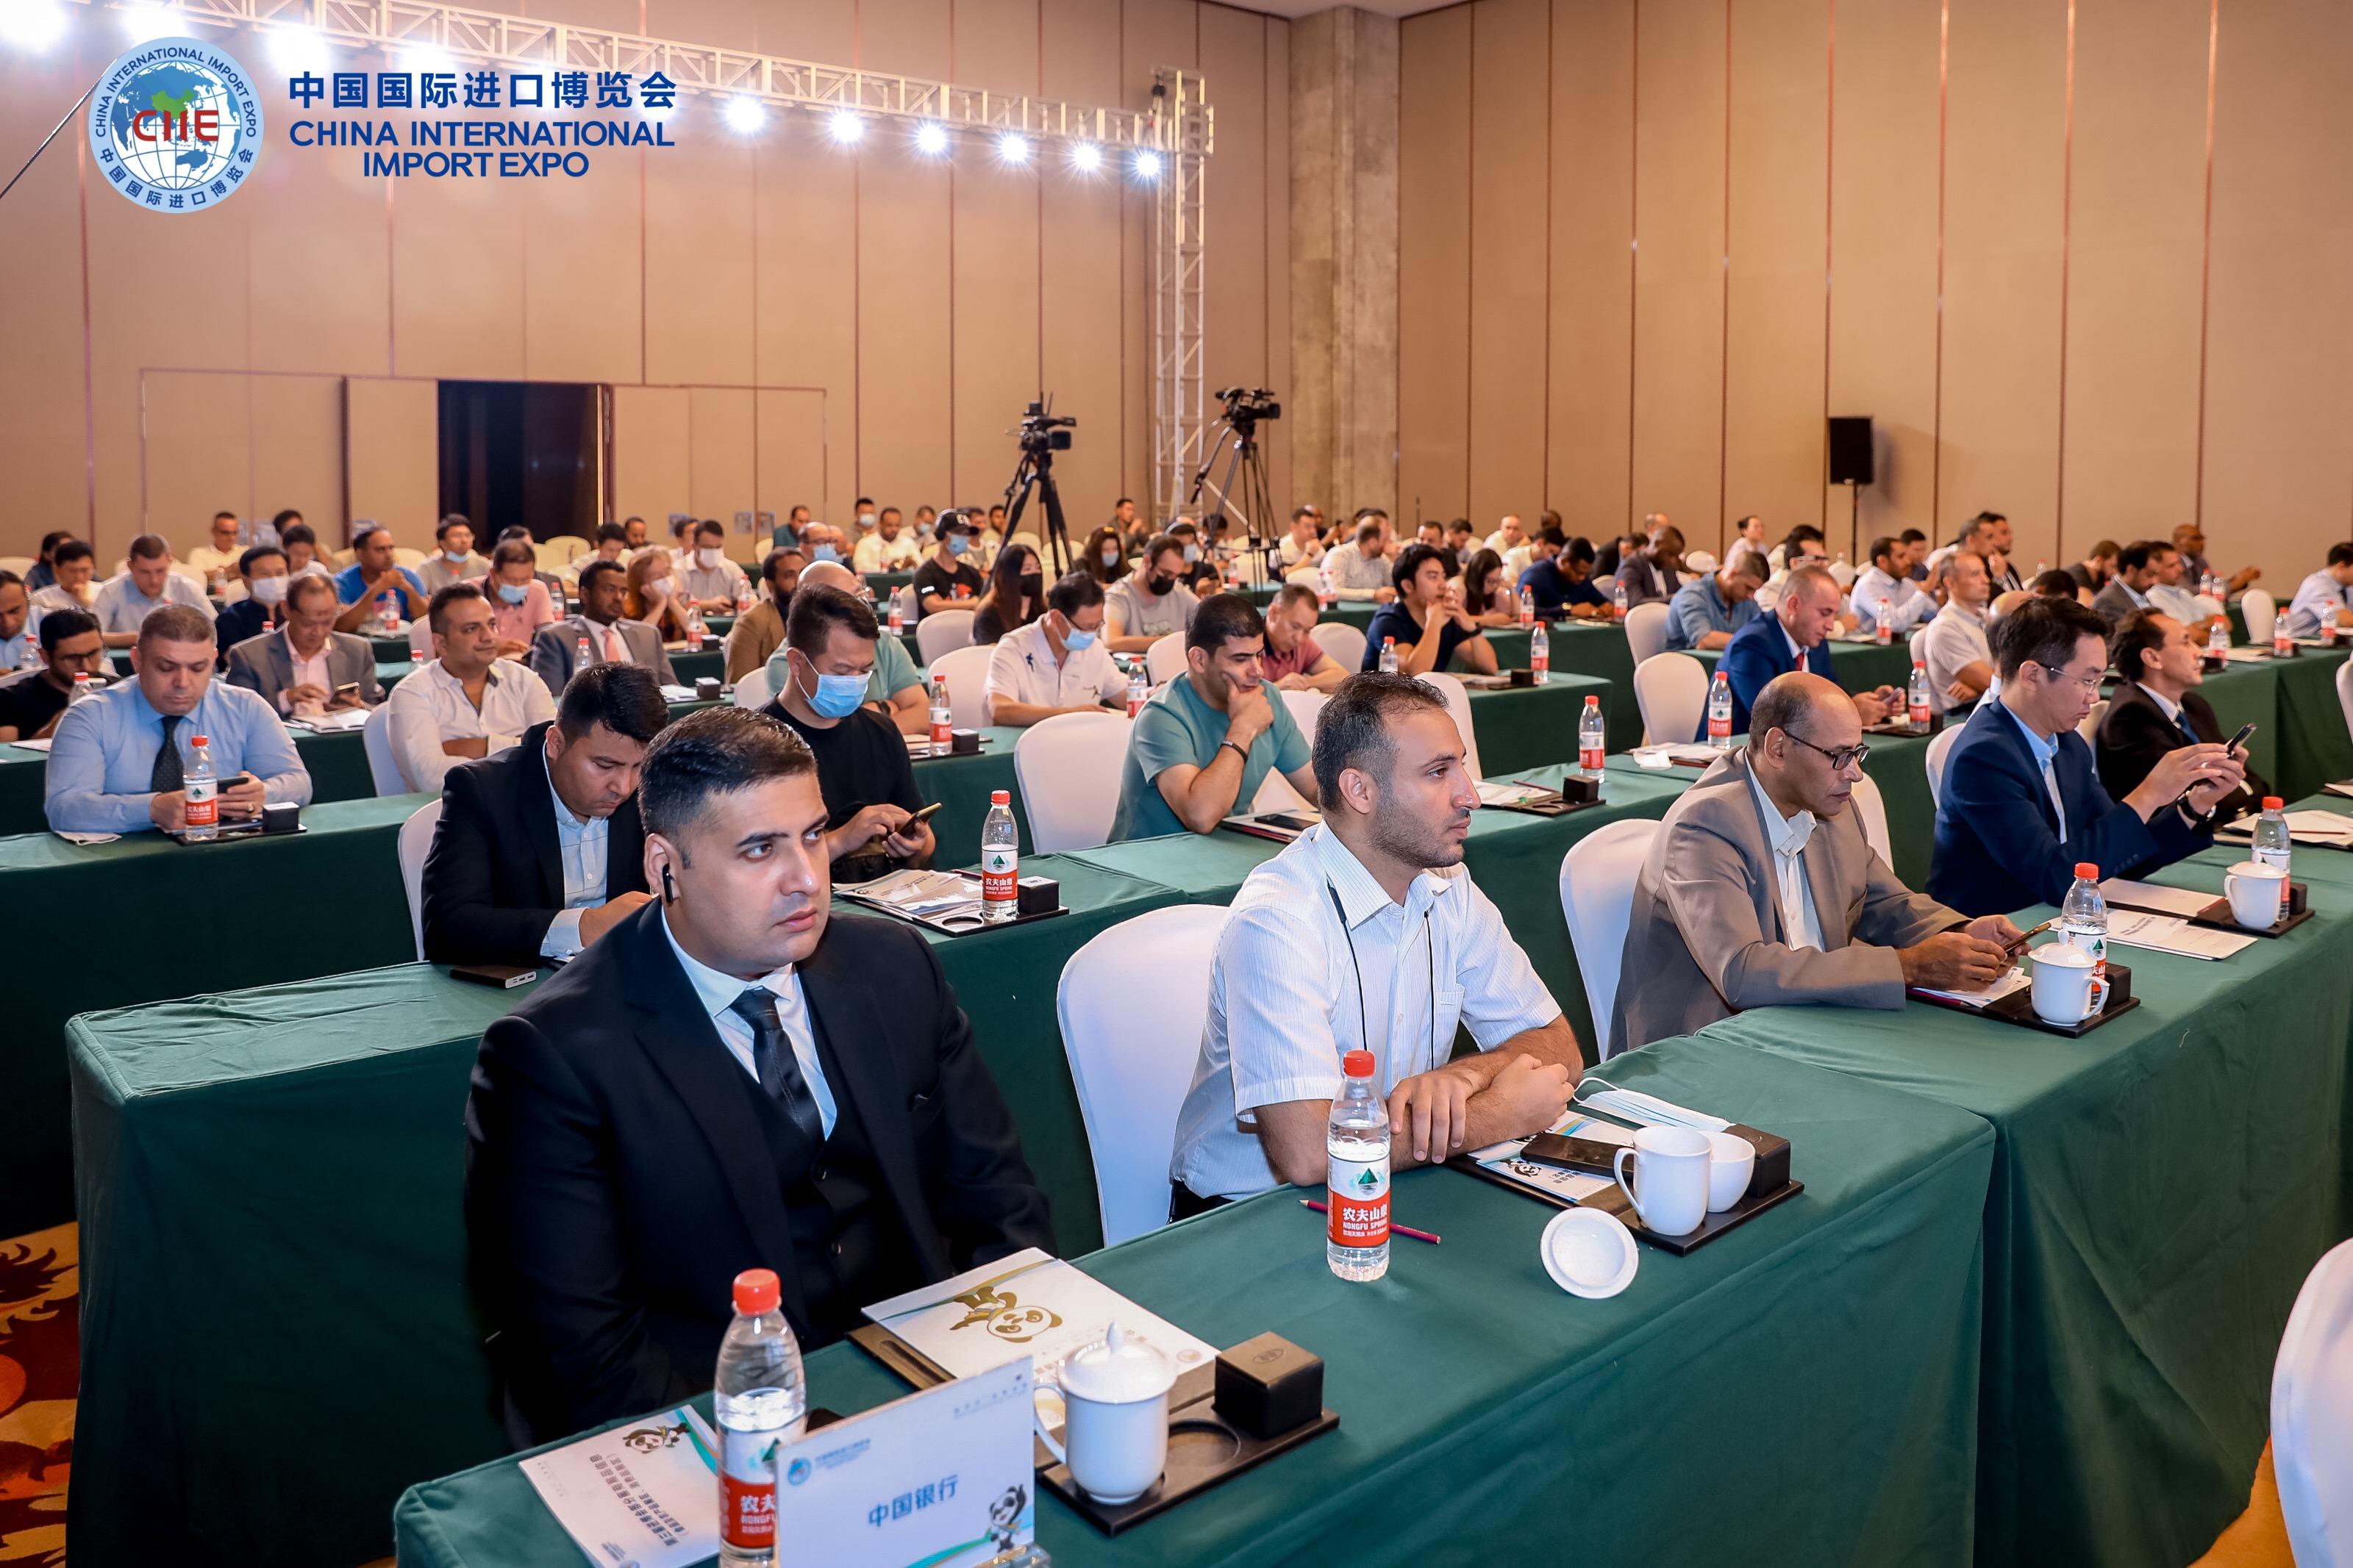 তৃতীয় চীন ইন্টারন্যাশনাল ইমপোর্ট এক্সপো রোড শো অনুষ্ঠিত